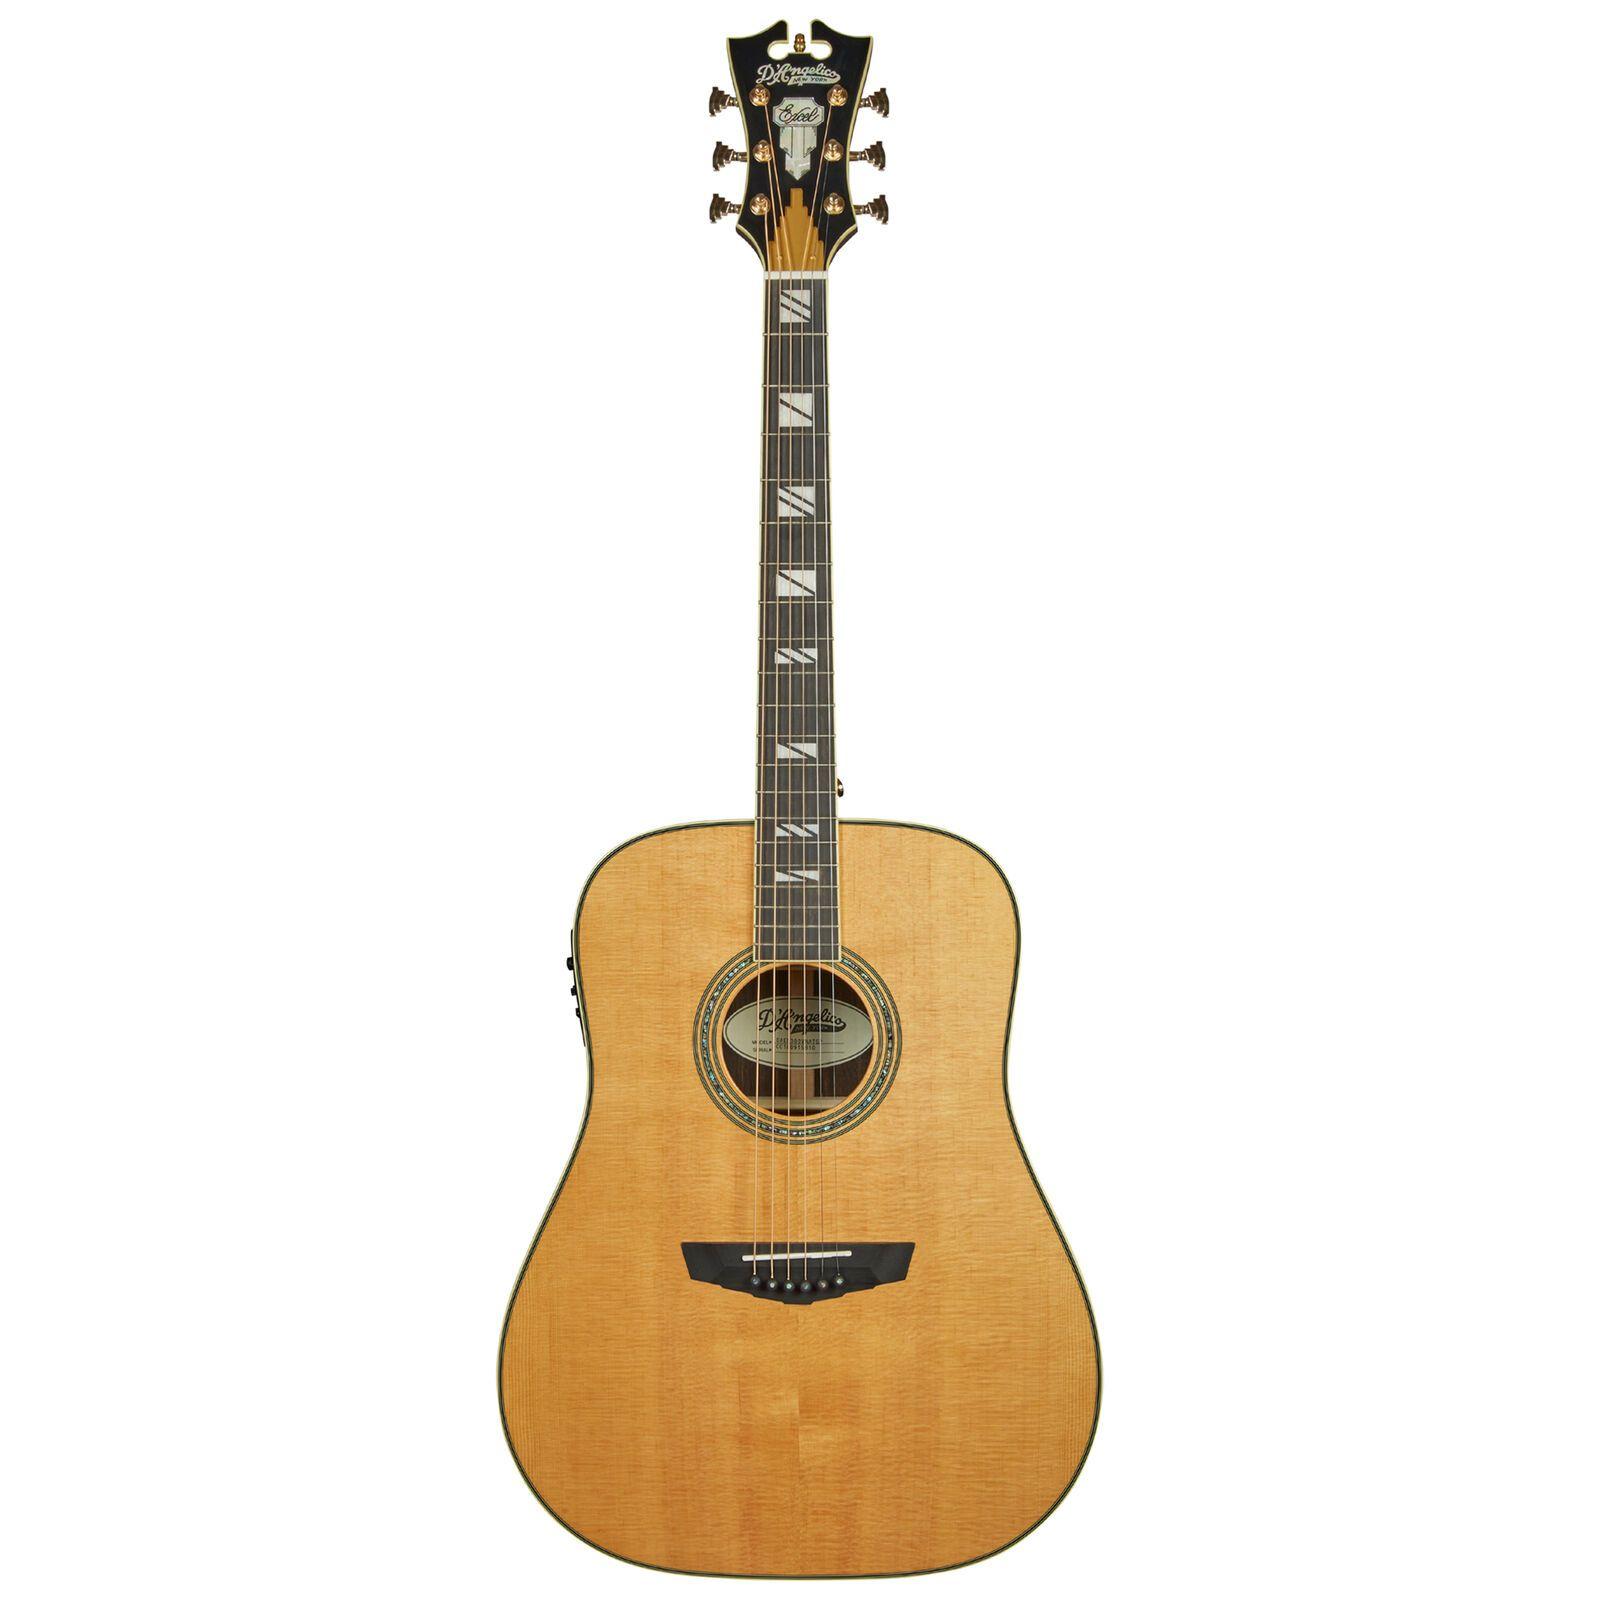 Details About D Angelico Excel Lexington Acoustic Electric Guitar Vintage Natural In 2020 Acoustic Electric Guitar Guitar Acoustic